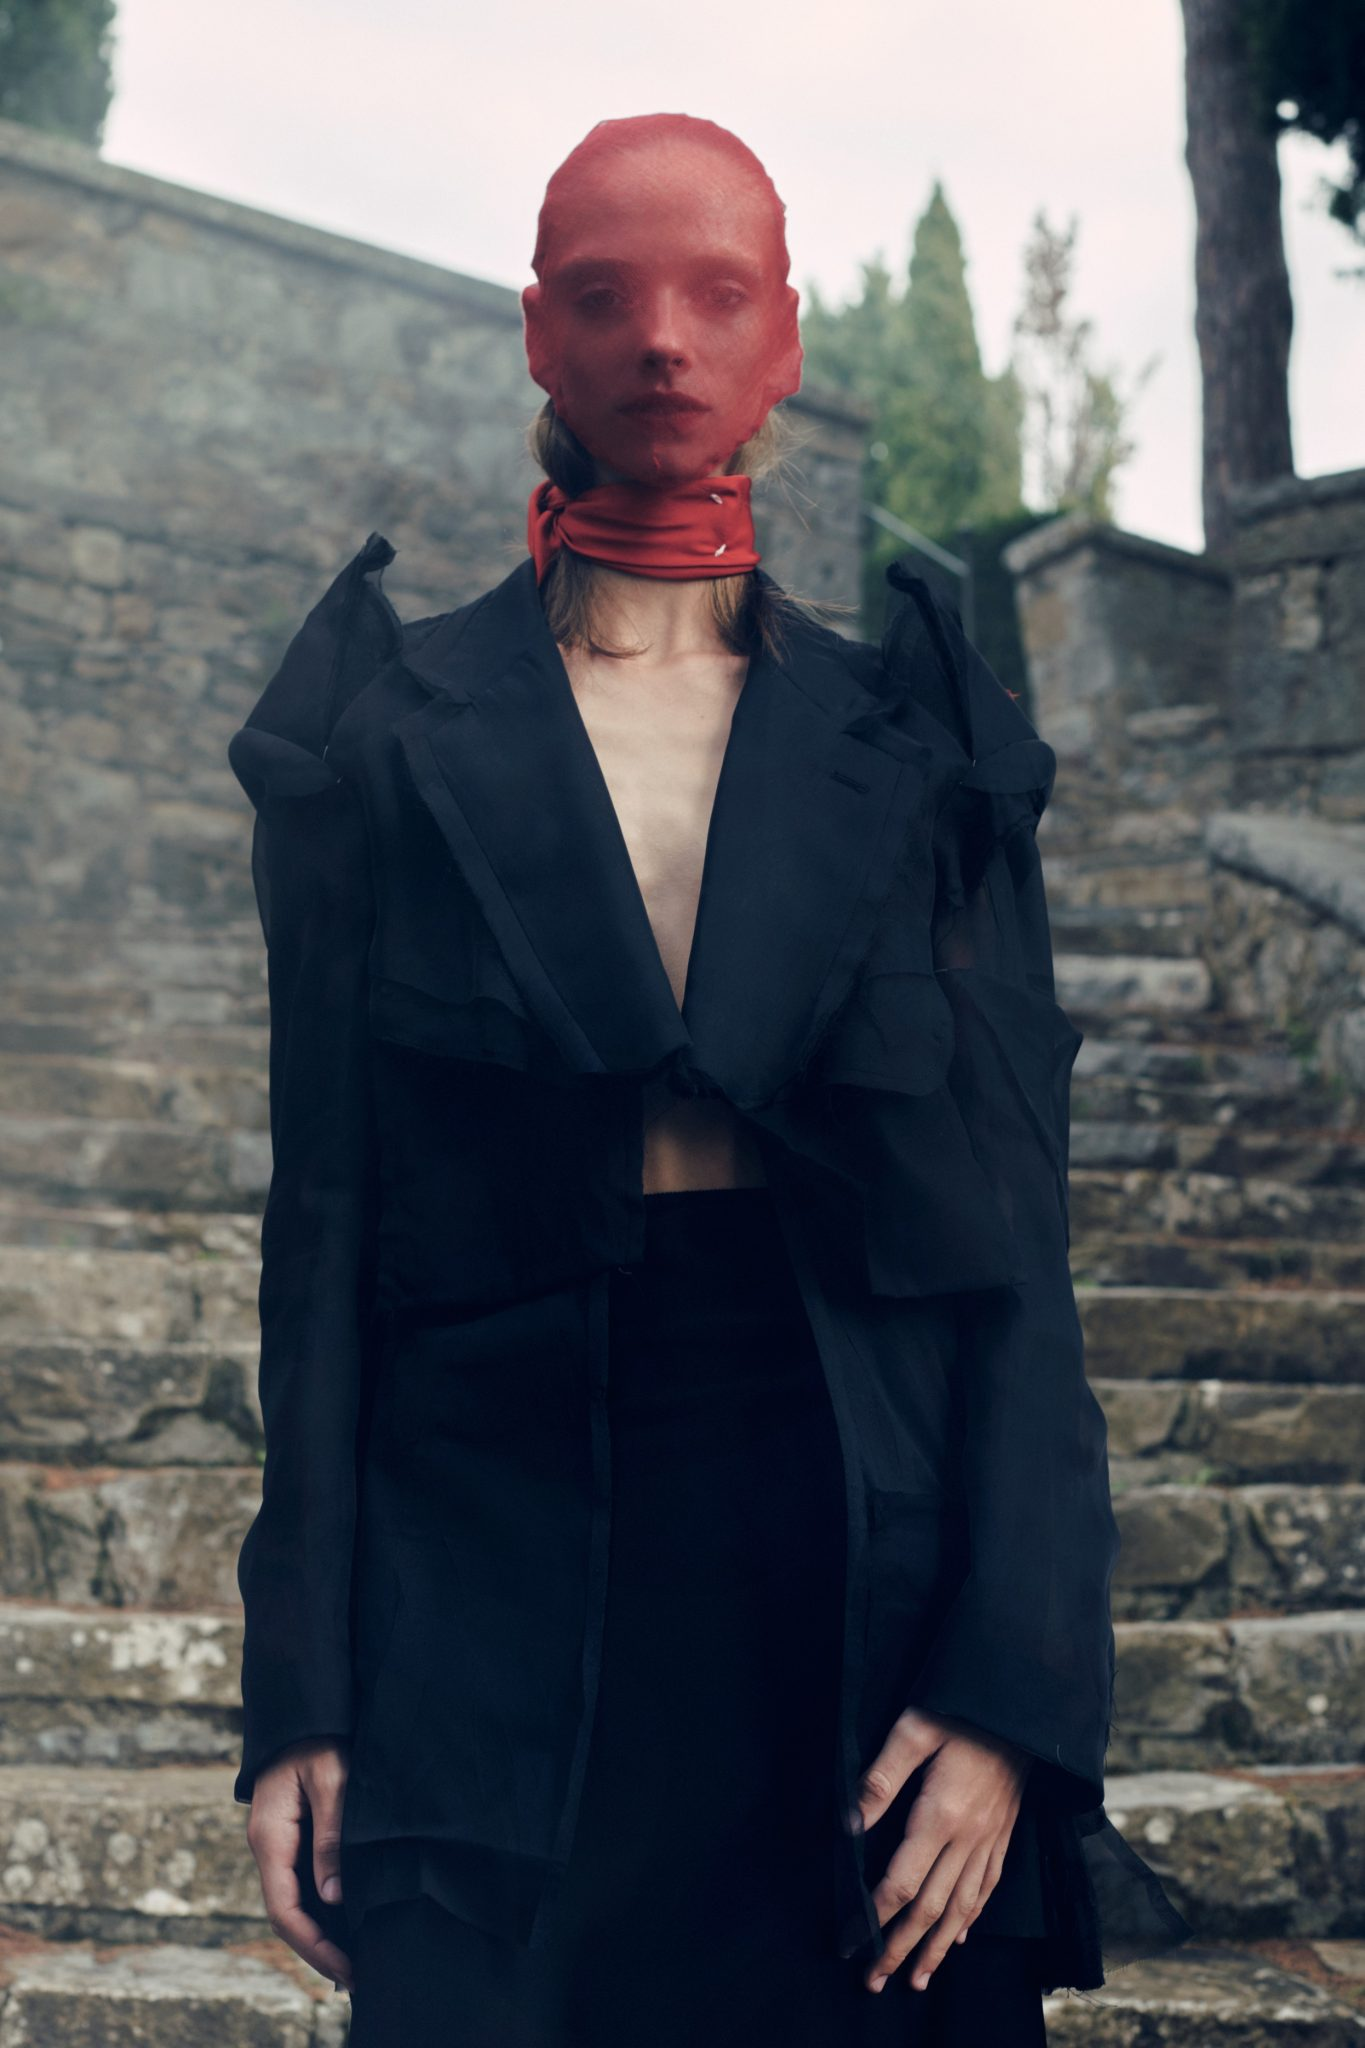 De SS21-collectie van Maison Margiela biedt stijlvolle inspiratie voor Halloween - 12